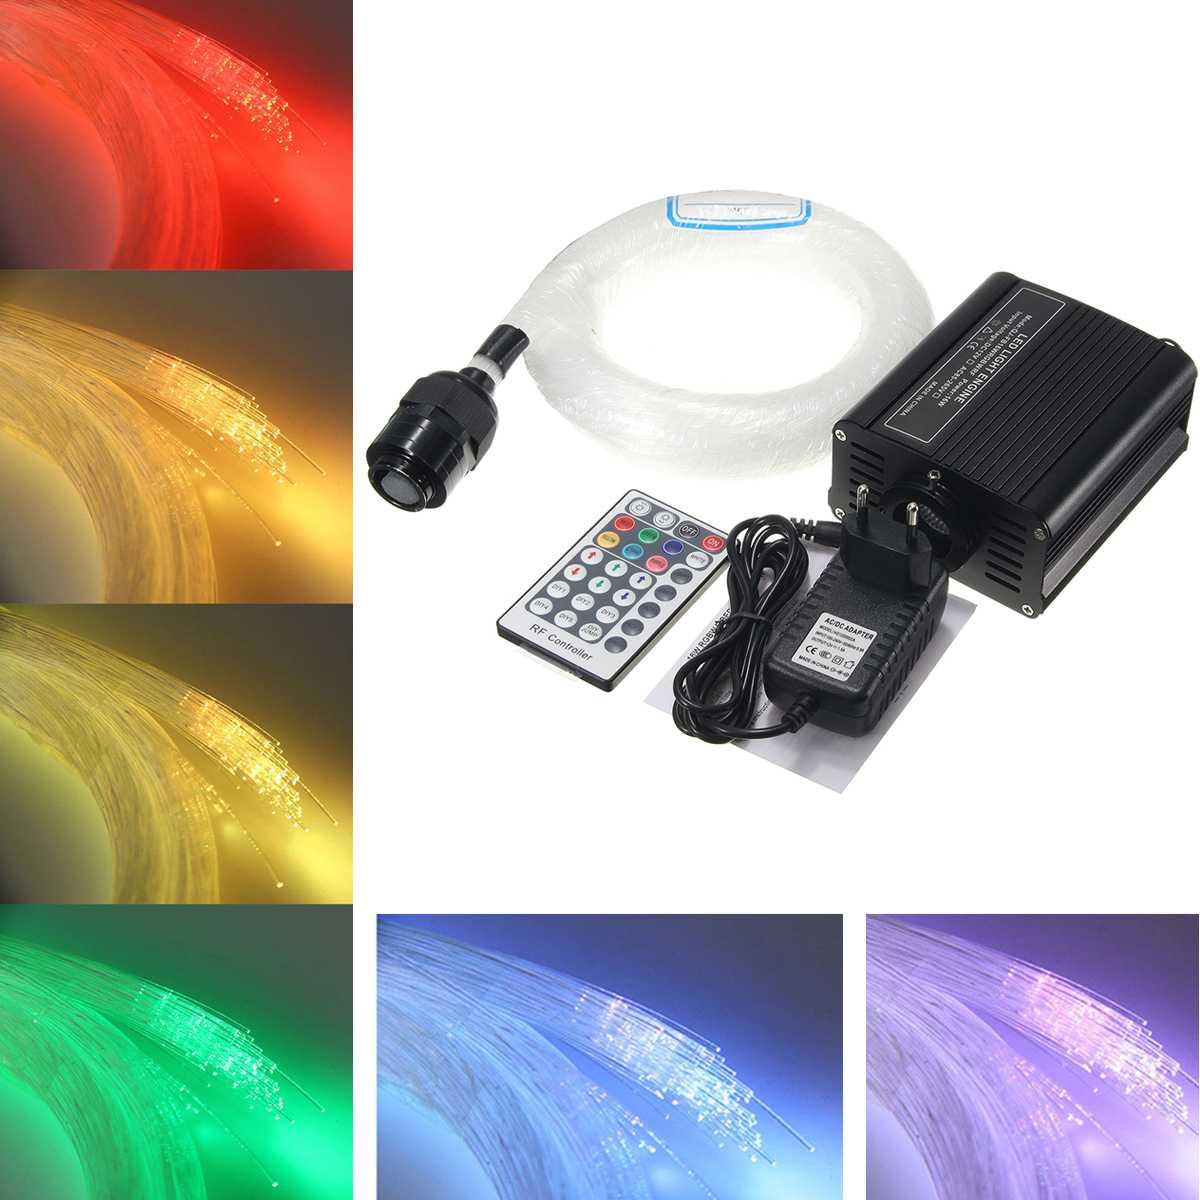 200Pcs?0.75mm?x?2m Colorful Fiber Optic Lights  RGB Twinkle LED Star Ceiling Light Kit For Fiber Optic Light  Engine Machine200Pcs?0.75mm?x?2m Colorful Fiber Optic Lights  RGB Twinkle LED Star Ceiling Light Kit For Fiber Optic Light  Engine Machine